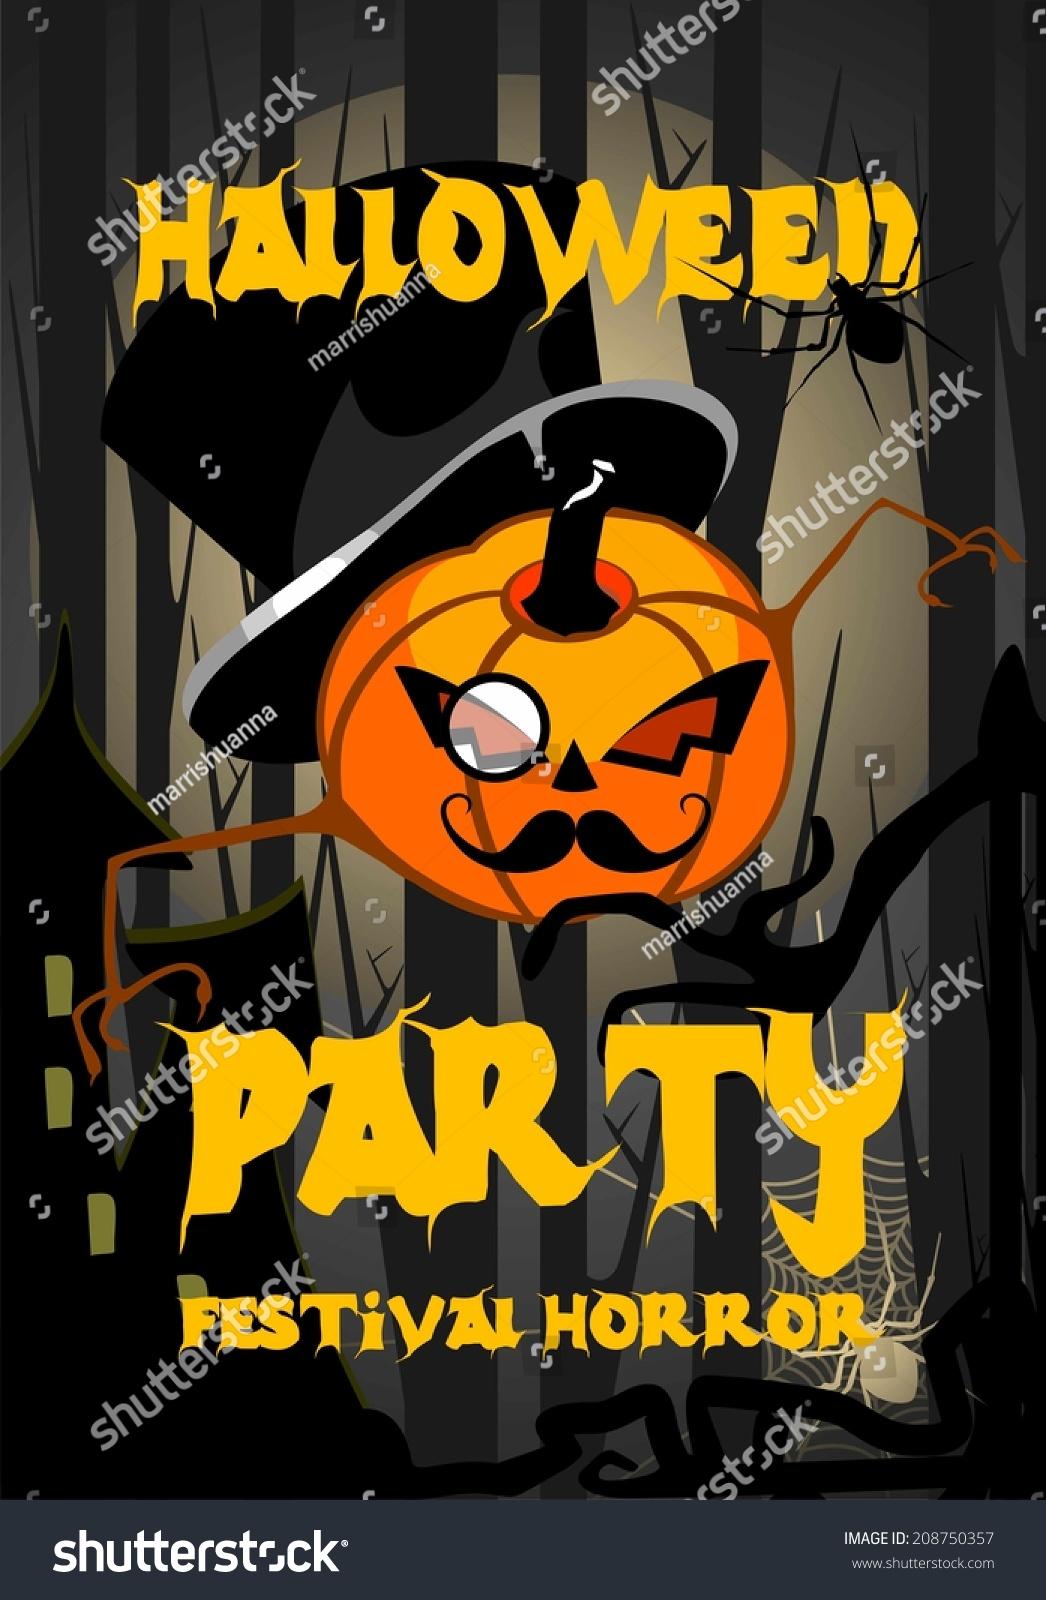 halloween poster spirit halloween pumpkin party stock illustration